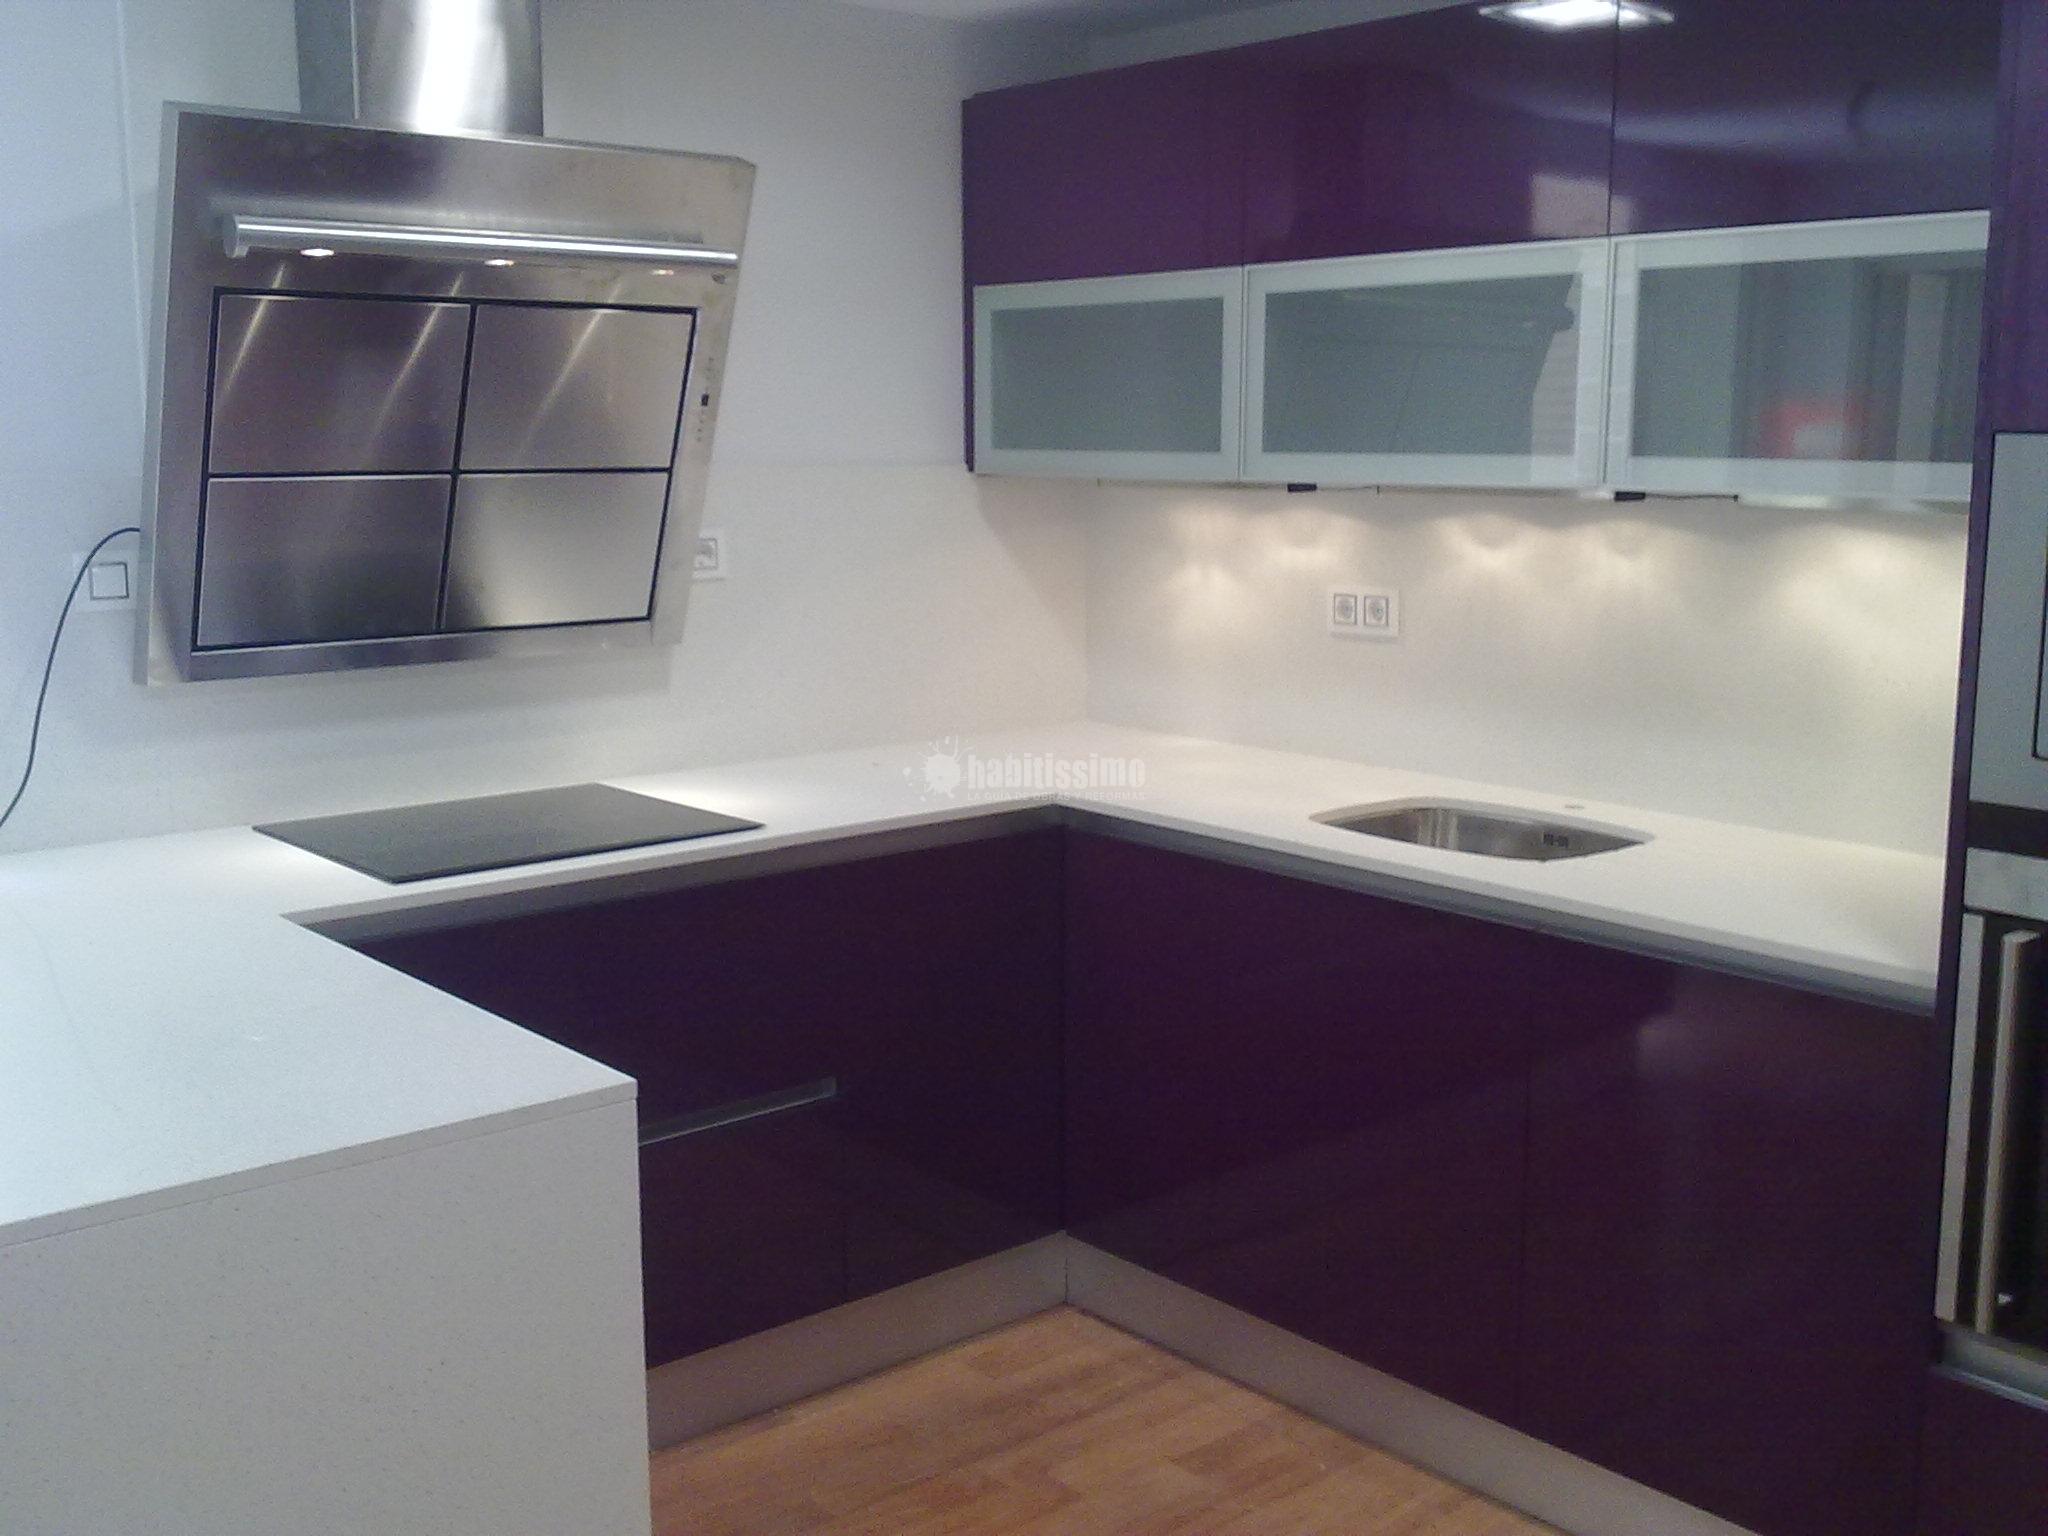 Ofertas muebles de cocina en murcia ideas for Muebles anticrisis murcia